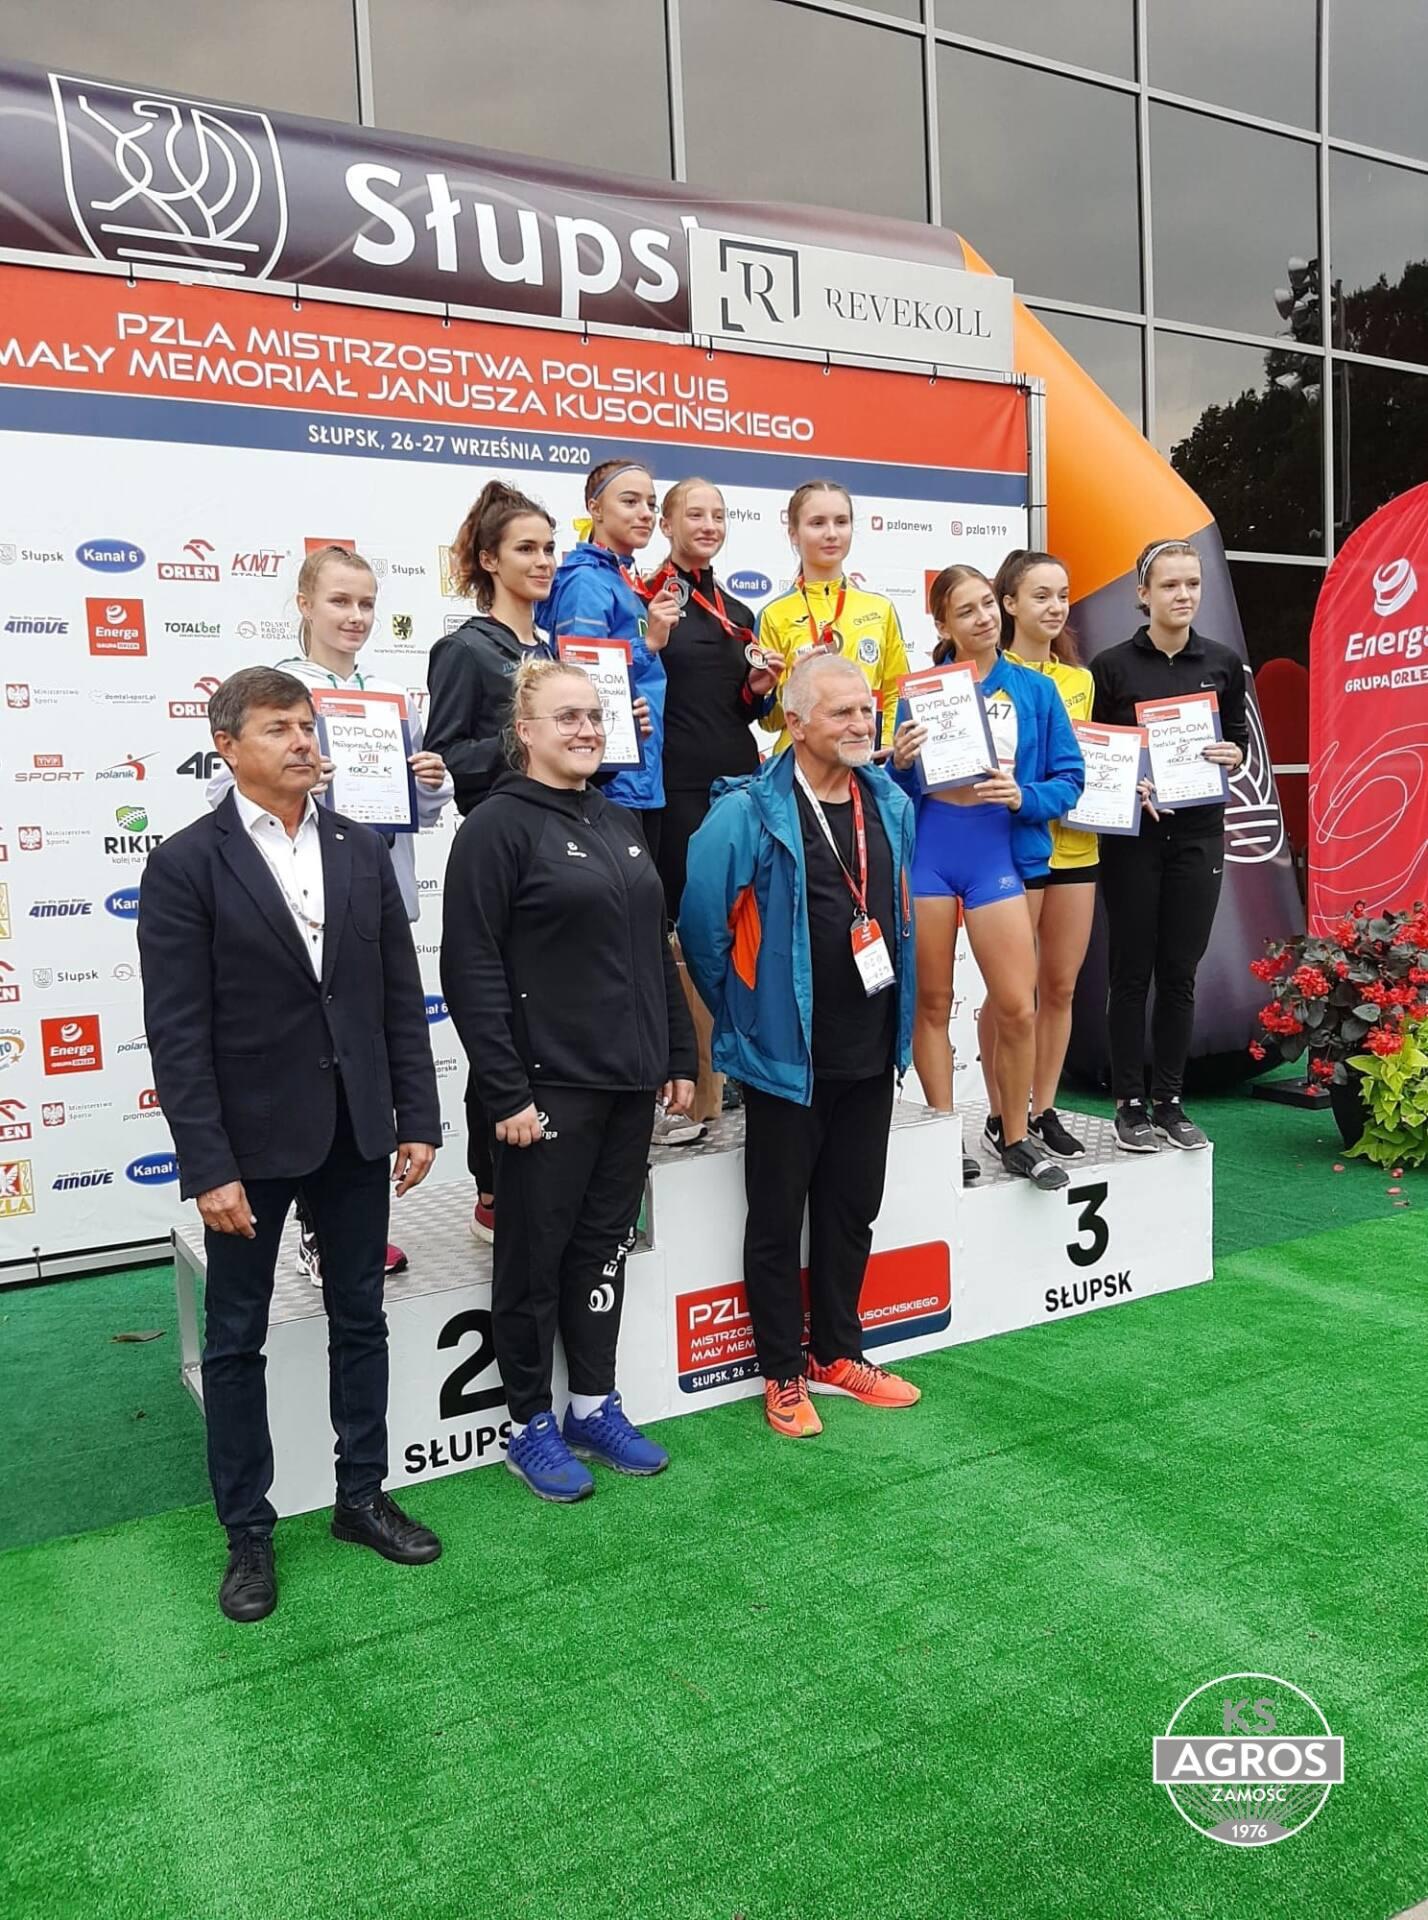 120262782 806508893494298 8611958337103353886 n Szybka jak błyskawica. Zamojska sprinterka - Martyna Seń pobiła rekord Polski!